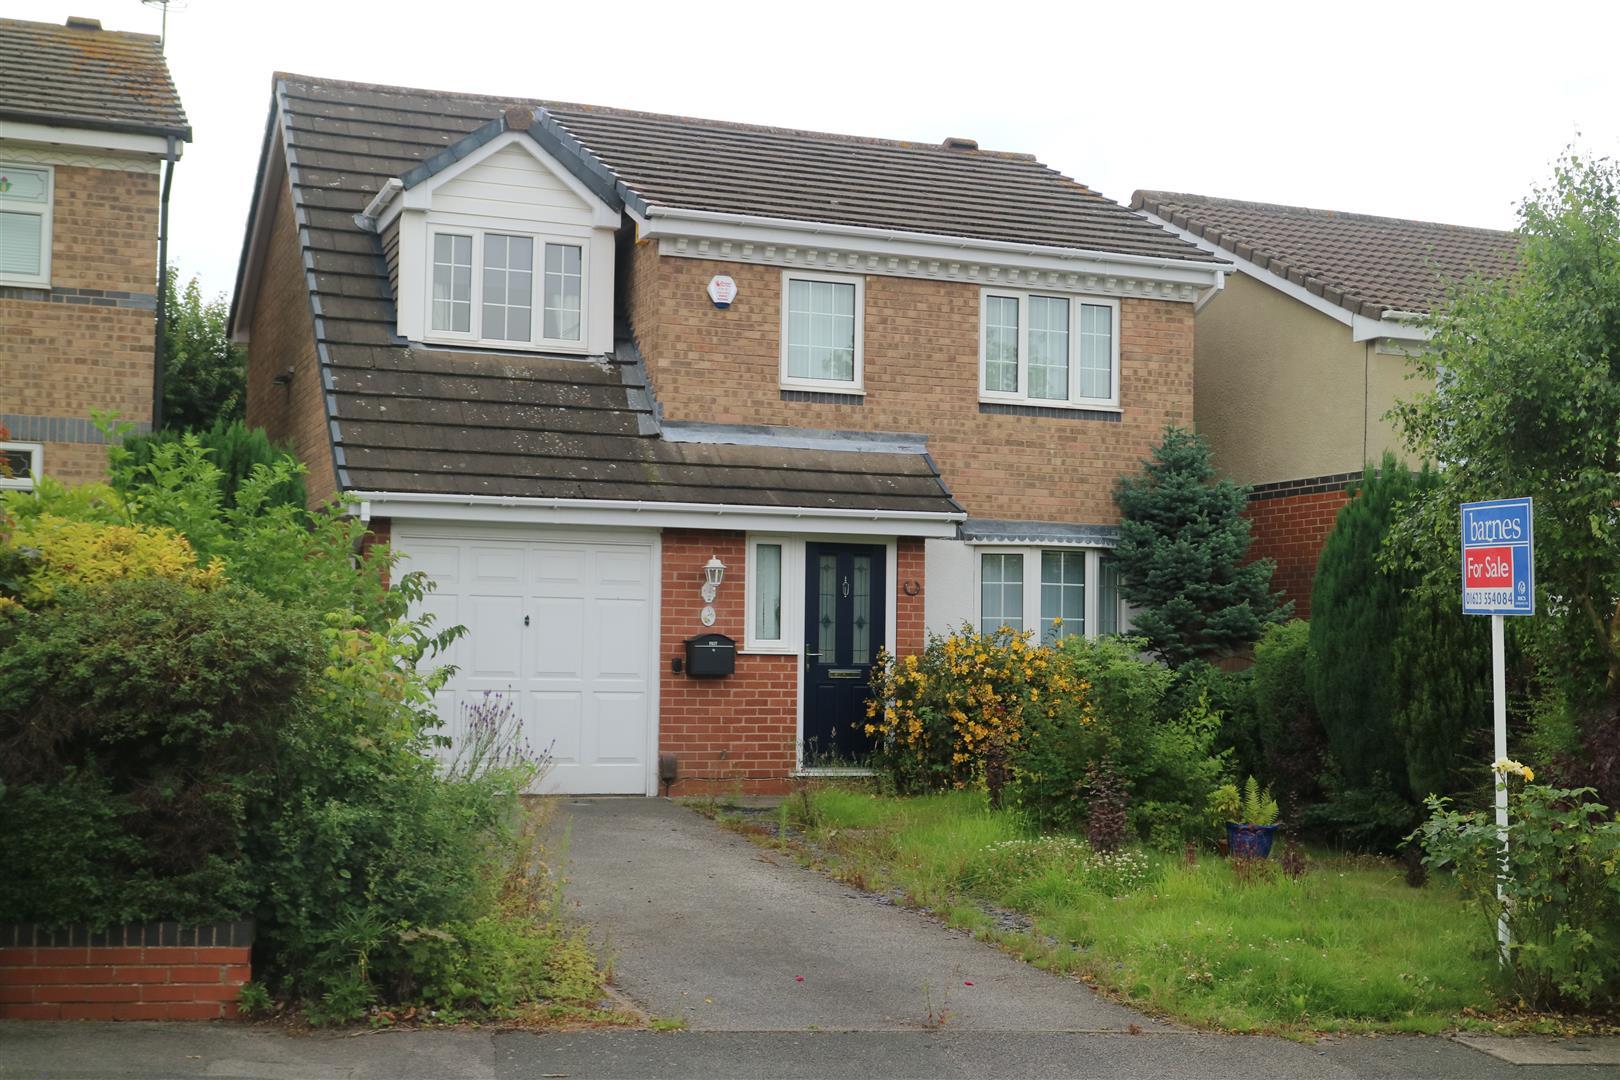 Sandringham Road Mansfield Woodhouse NG19 9HN